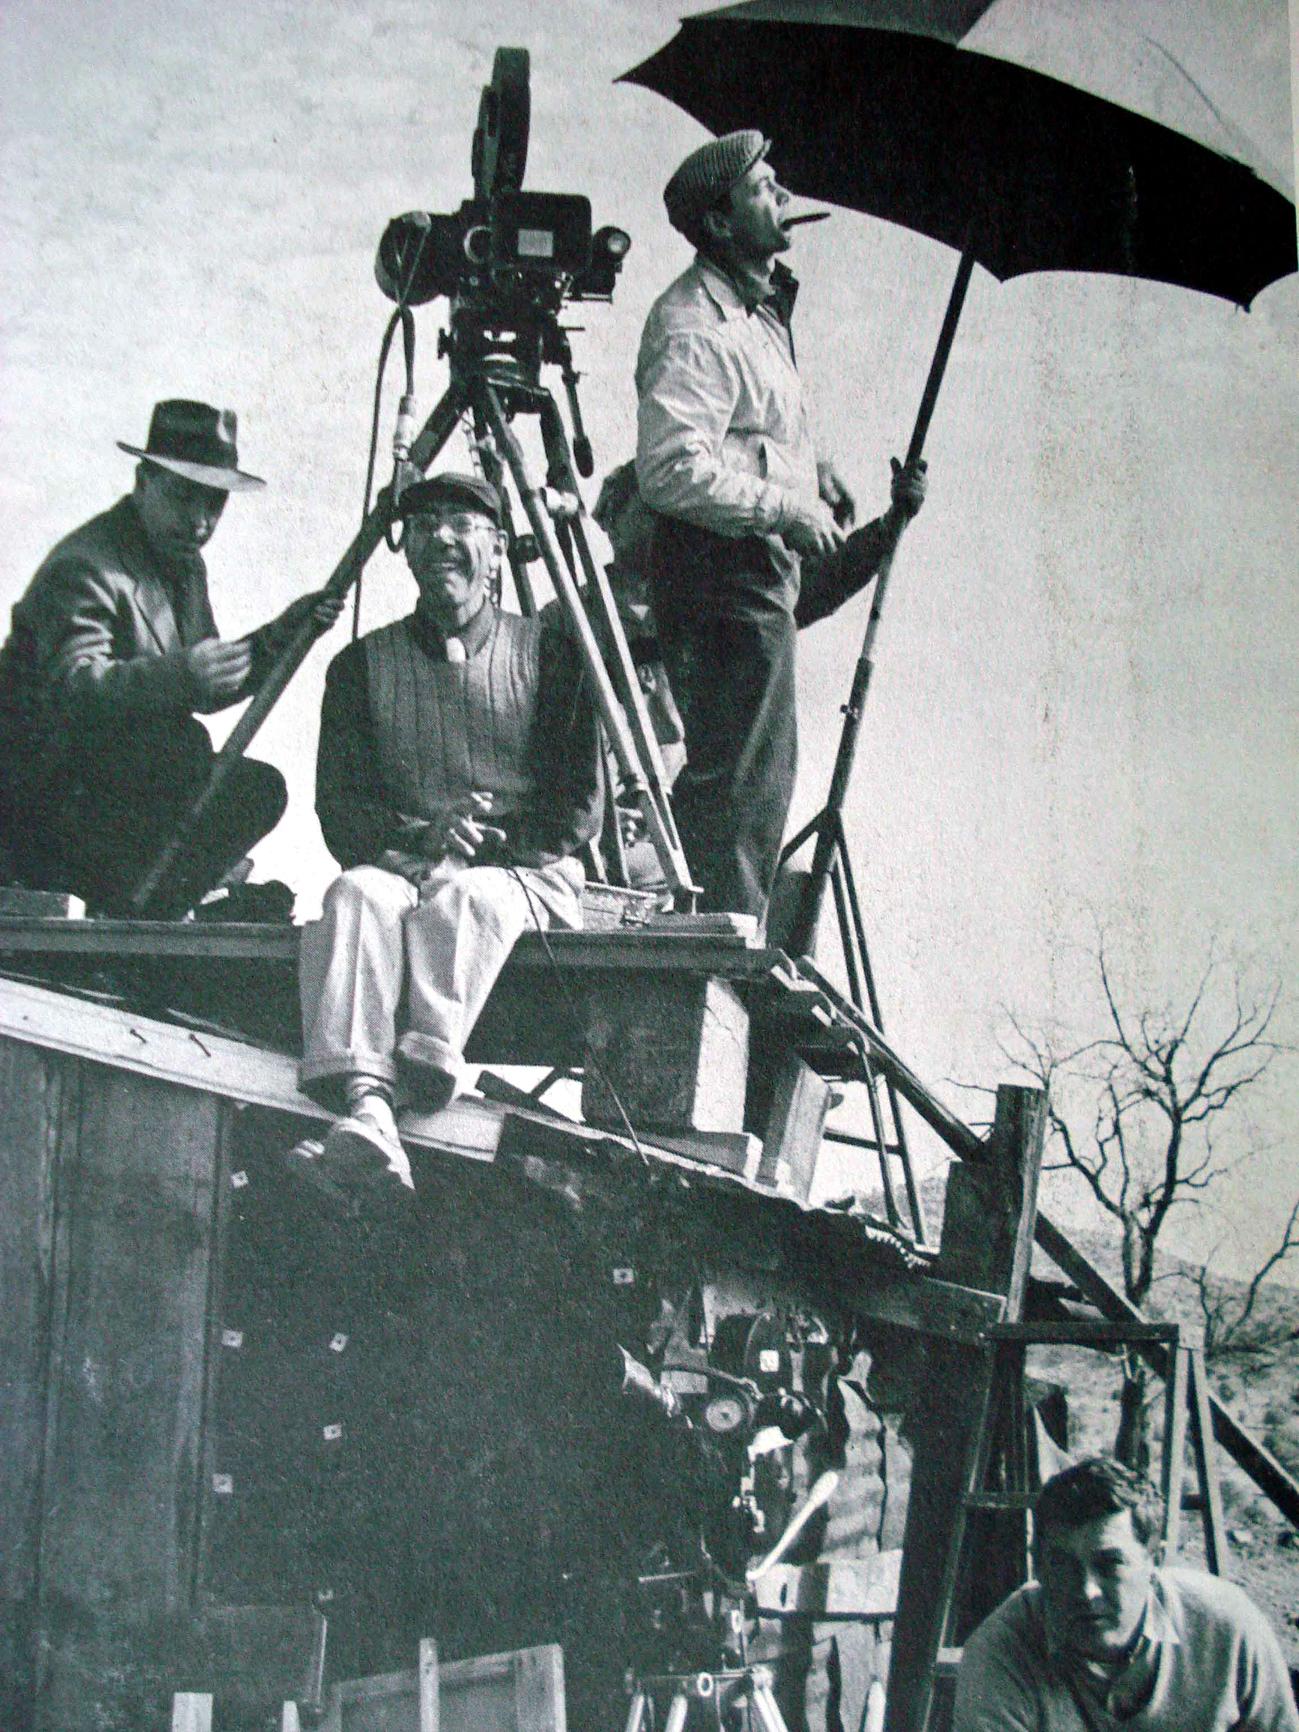 Herbert Biberman dirigiendo el rodaje de  Sal de la tierra (1954)